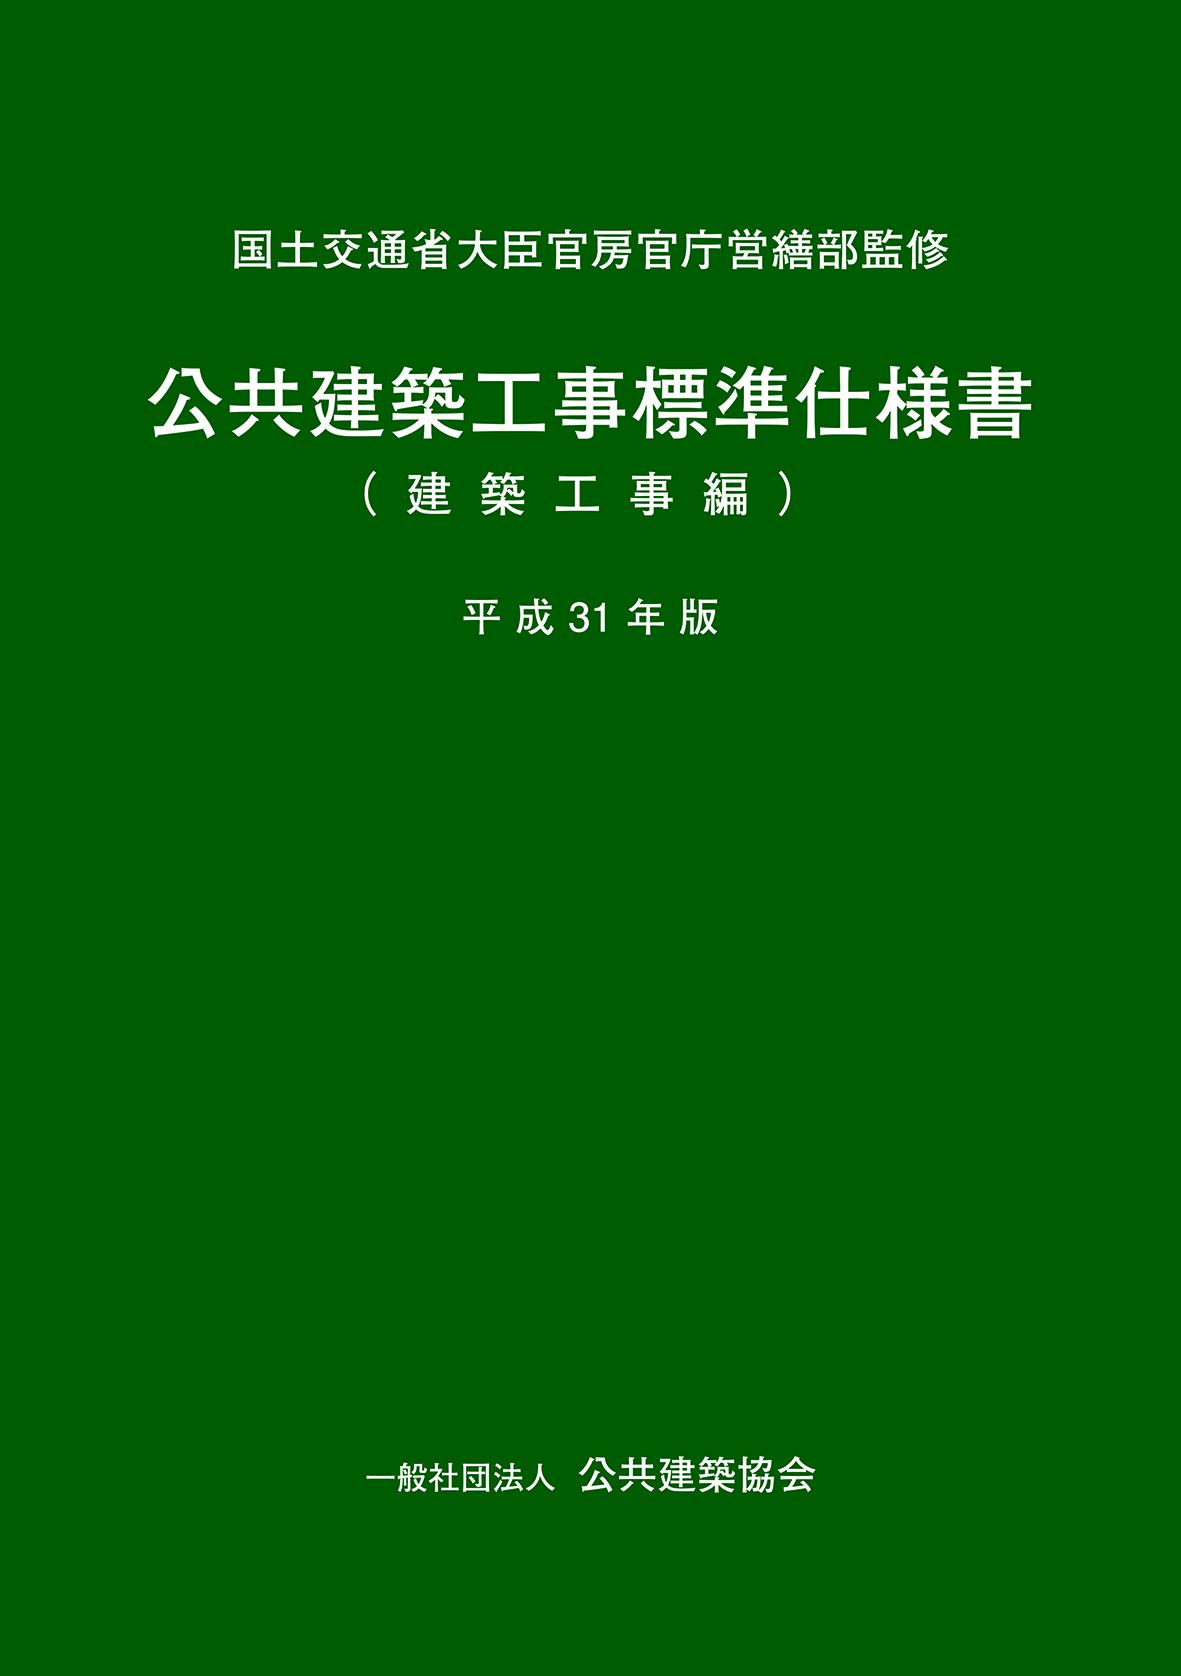 公共建築工事標準仕様書(建築工事編)平成31年版